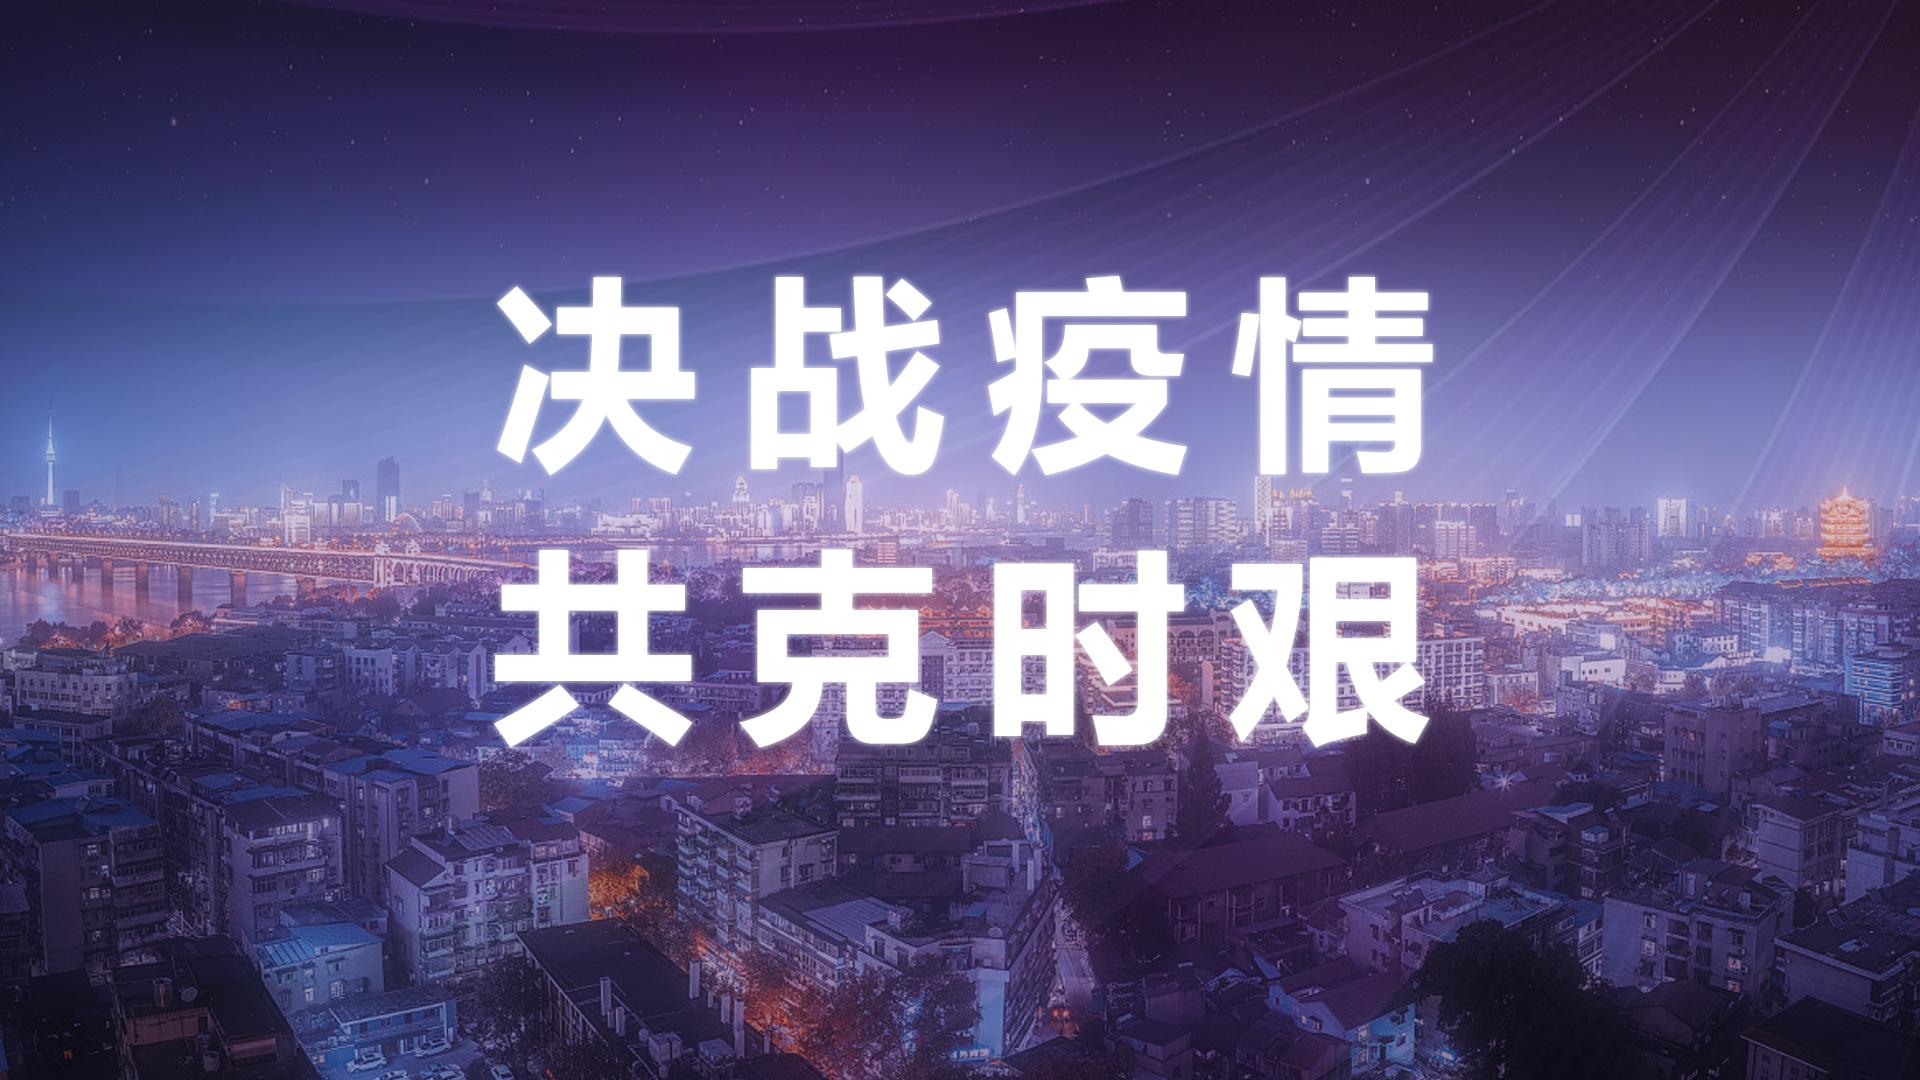 """【山河无恙,彼此皆安】 一汽丰田抗""""疫""""实录"""